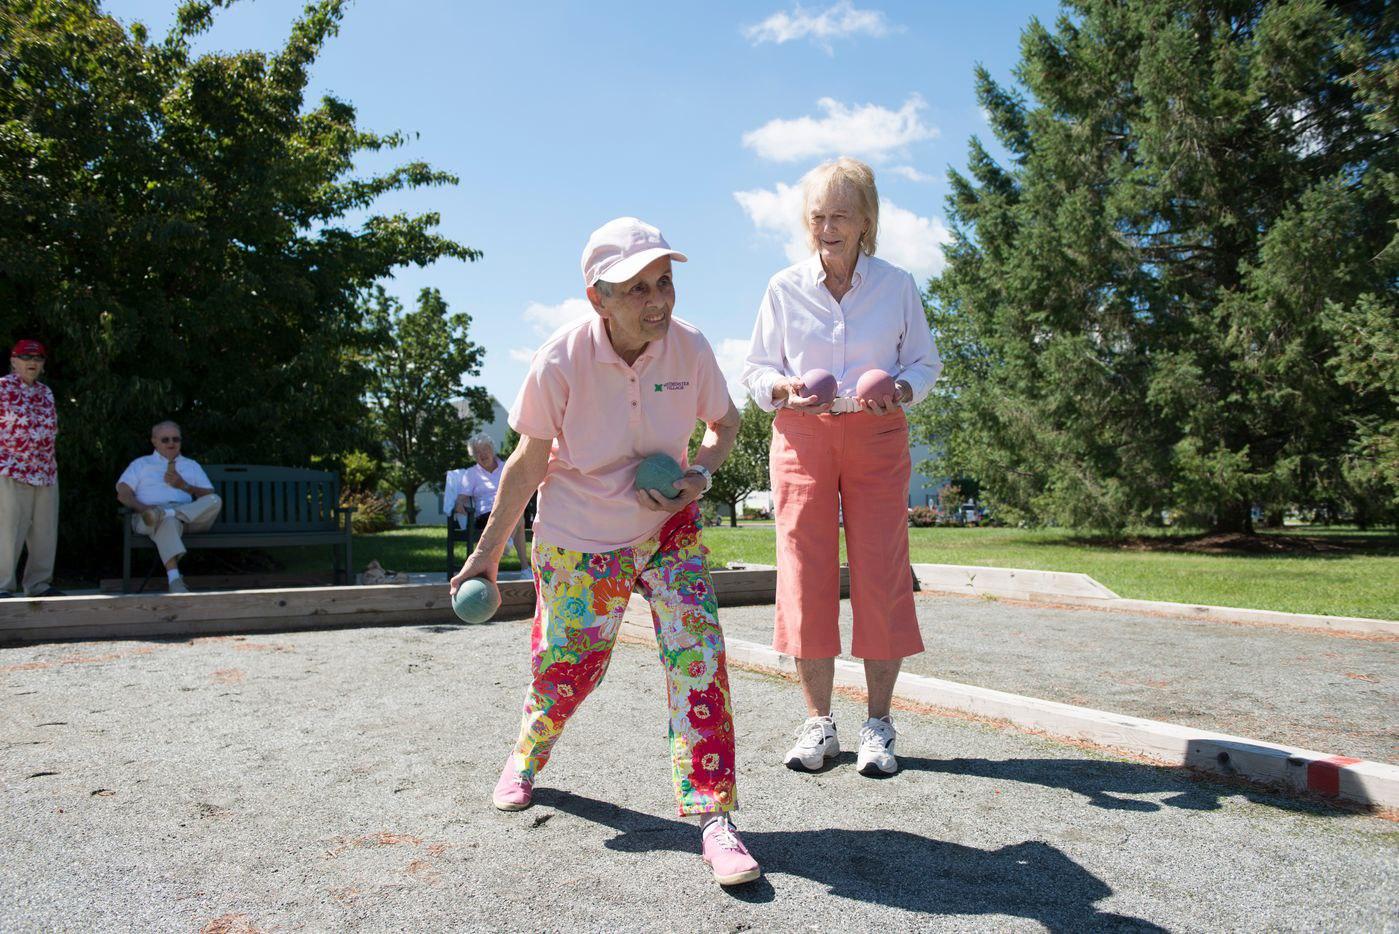 Lifelong Fitness | Senior Playing Bocce